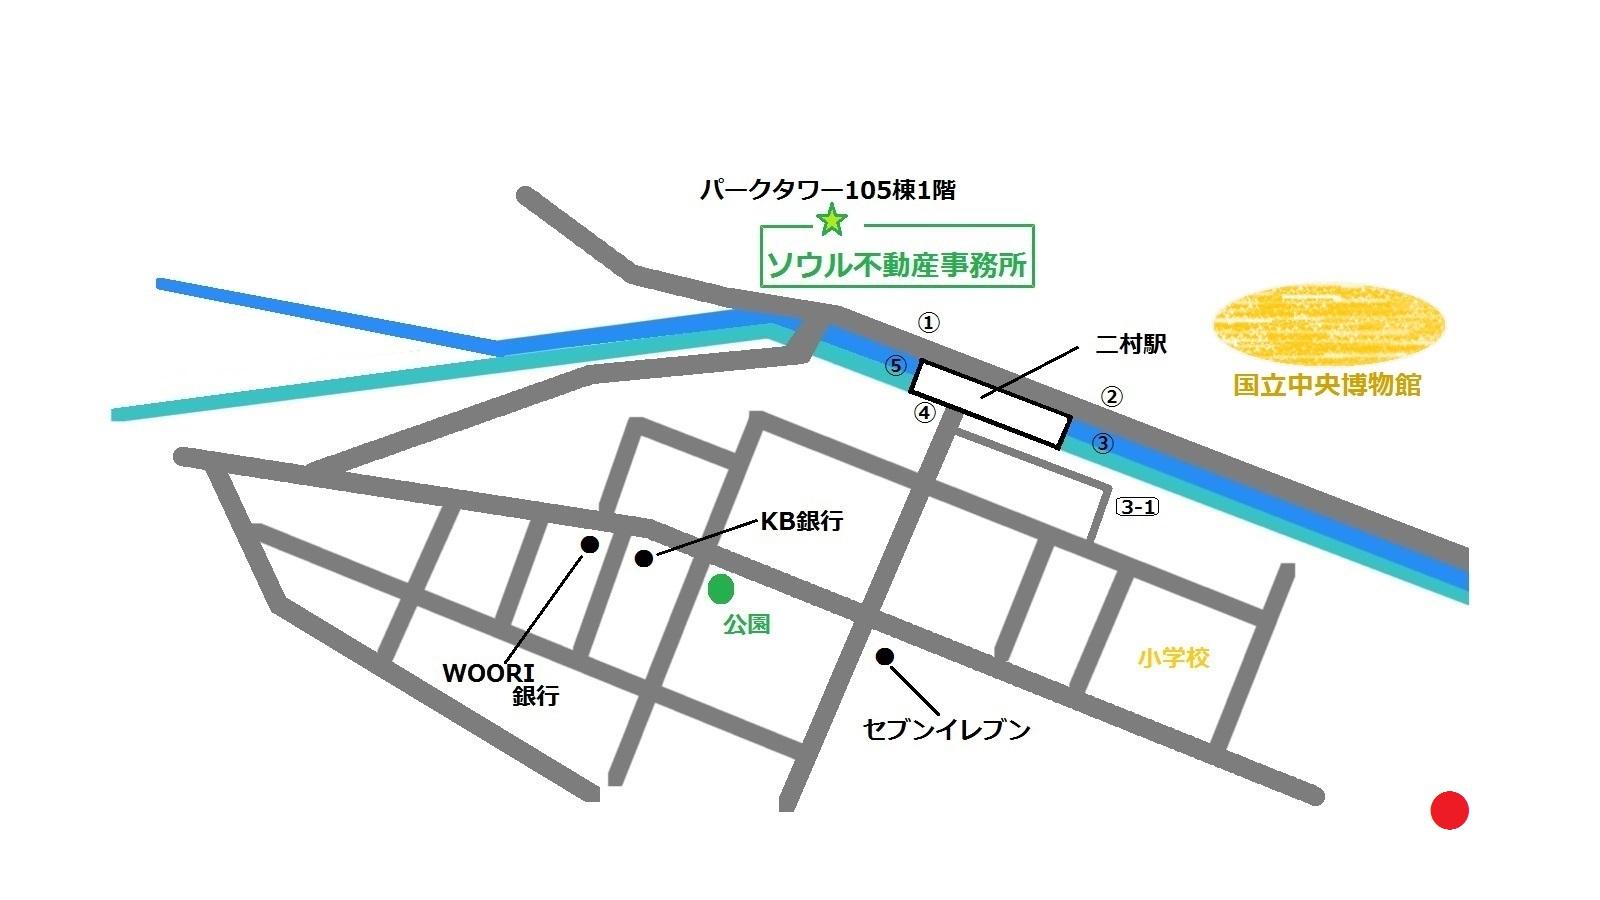 東氷庫 トンビンゴ 동빙고 地図